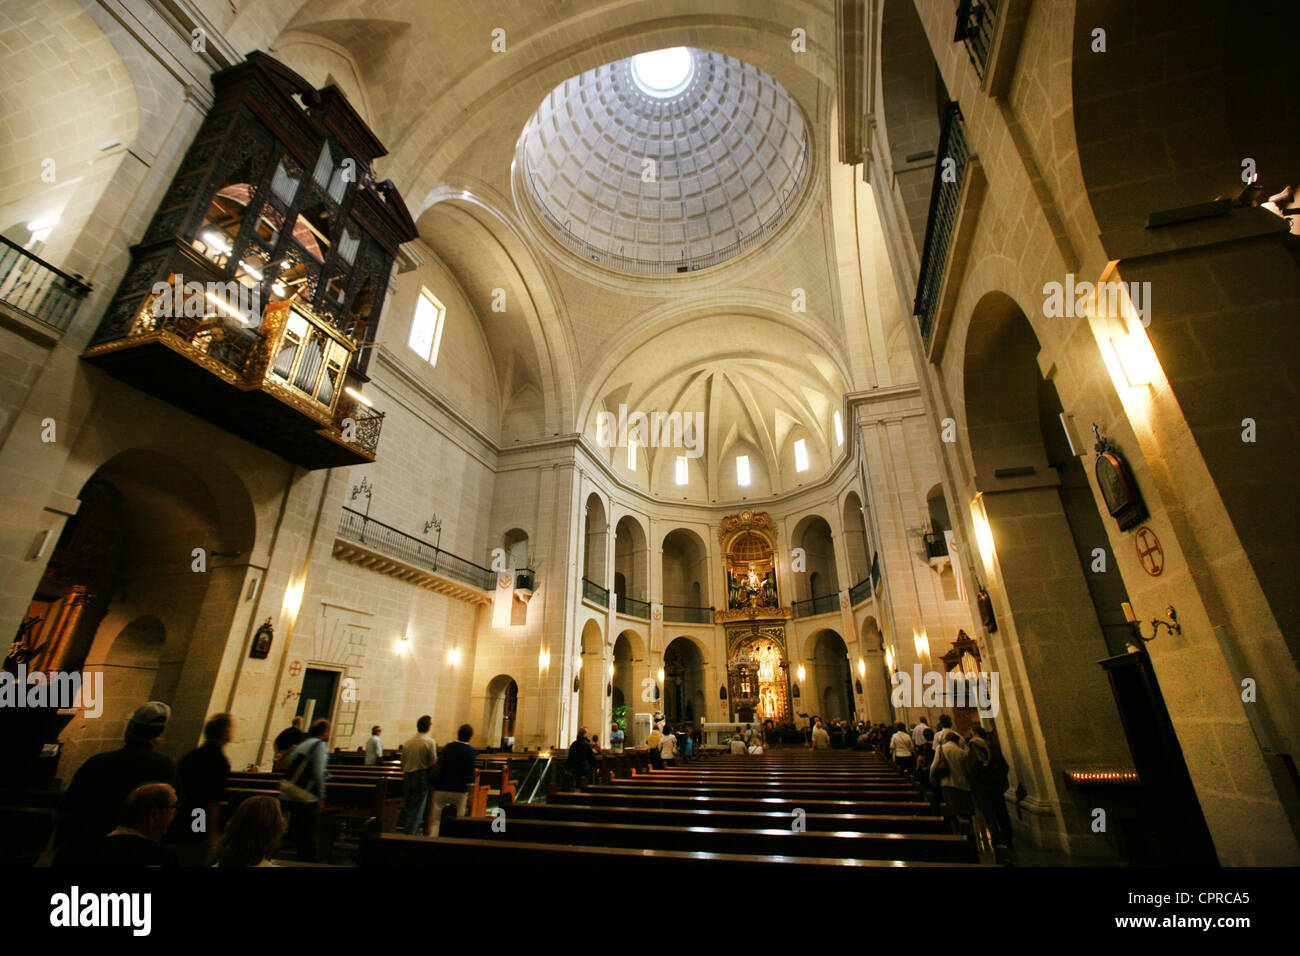 Europe Spain Alicante Cathedral de San Nicolas - Stock Image